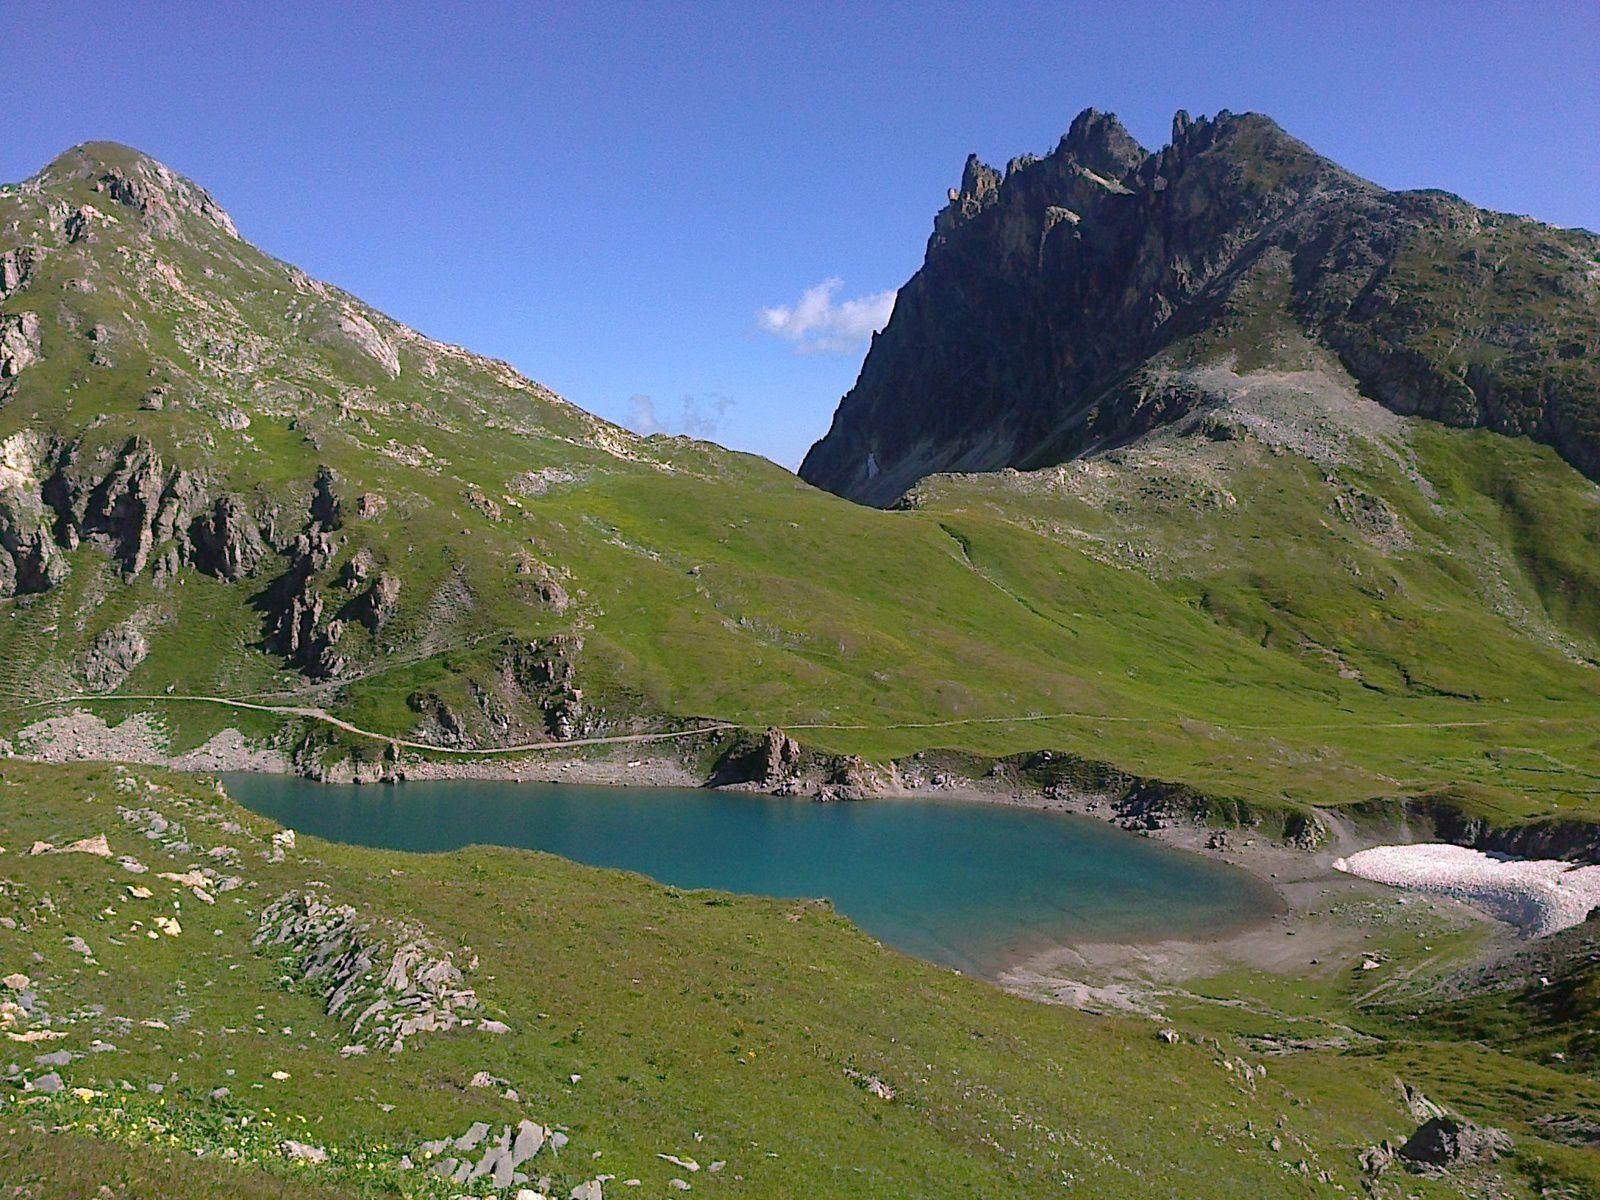 Le lac du Grand Ban et la piste (en face le dernier col que j'irais chercher, le col de la Plagnette)